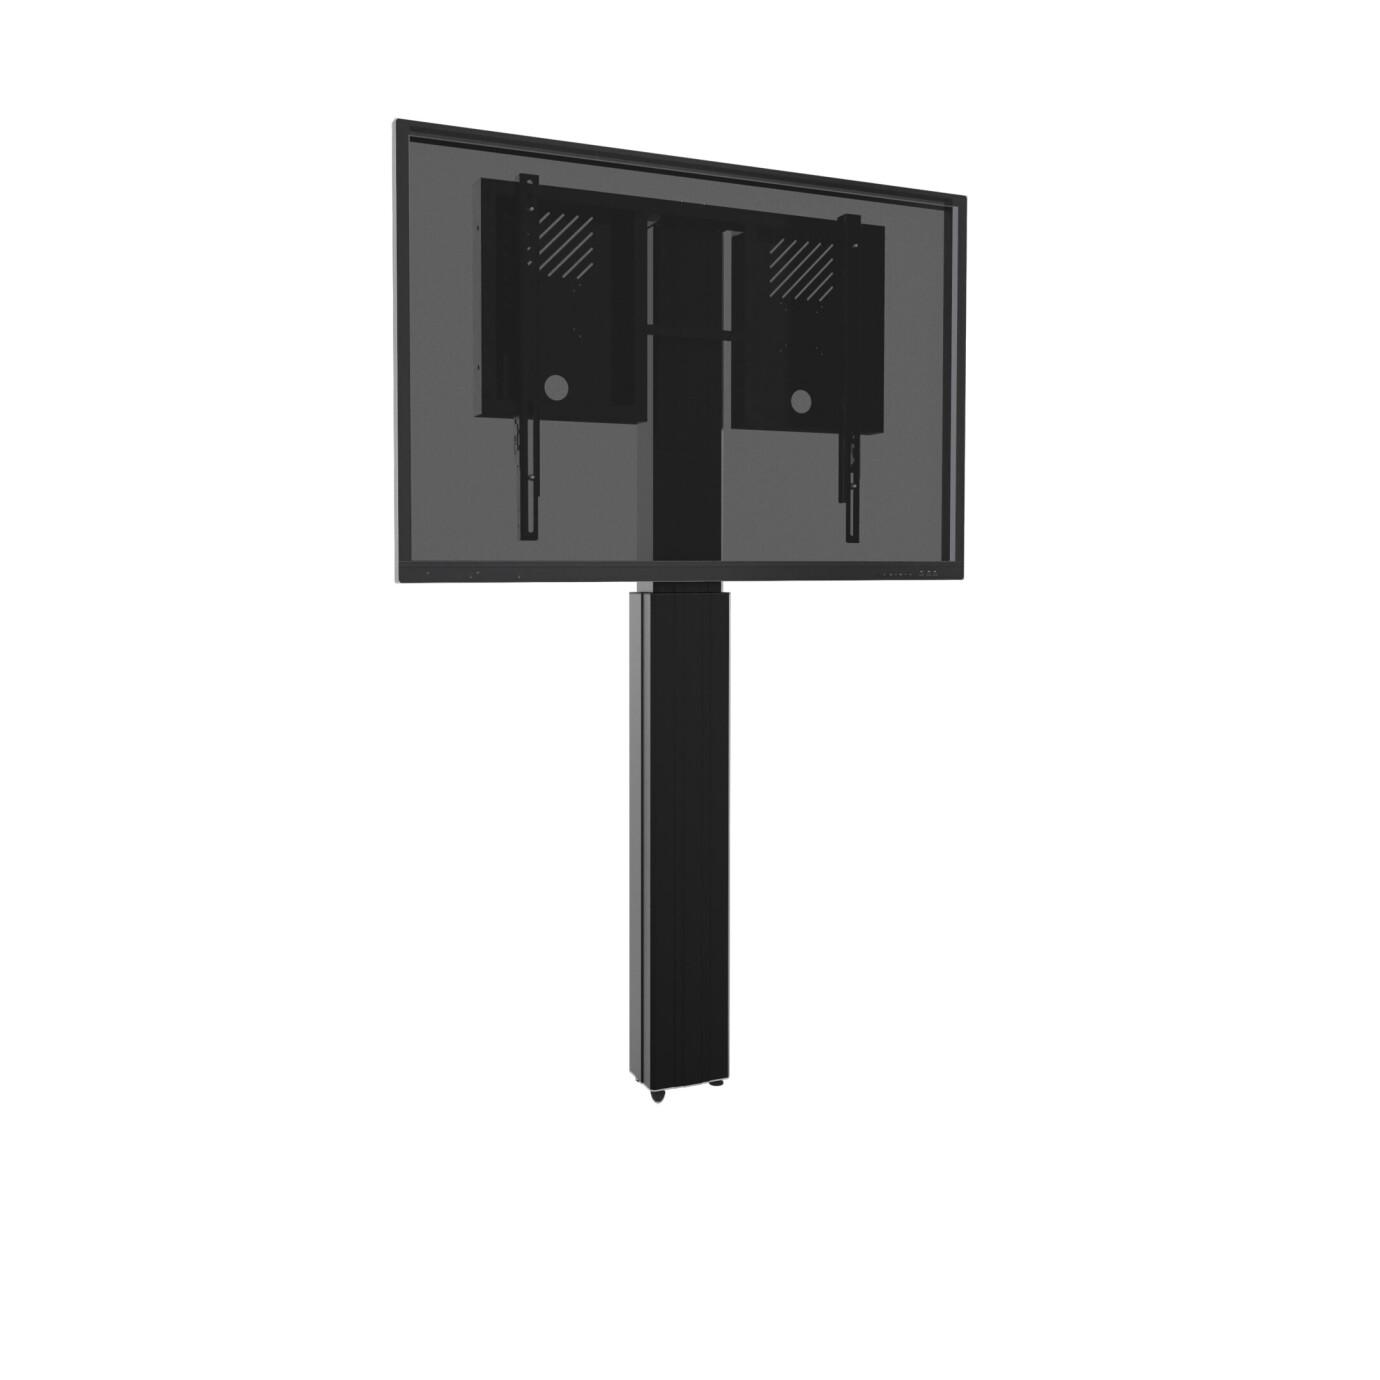 celexon Expert elektrisch höhenverstellbarer Display-Ständer Adjust-4286WB mit Wandbefestigung - 70cm